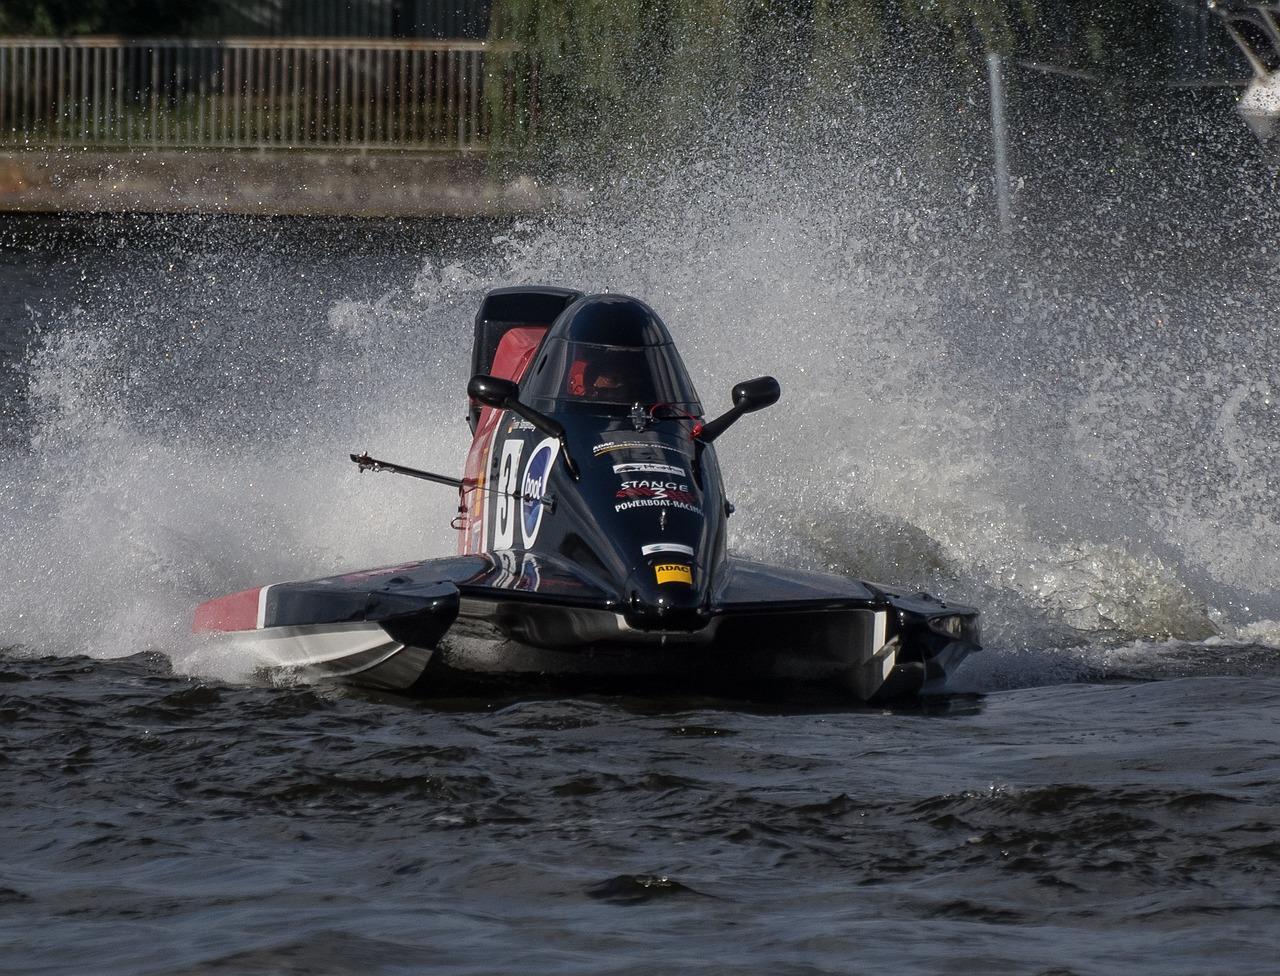 если кто гоночная лодка фото вам нравится